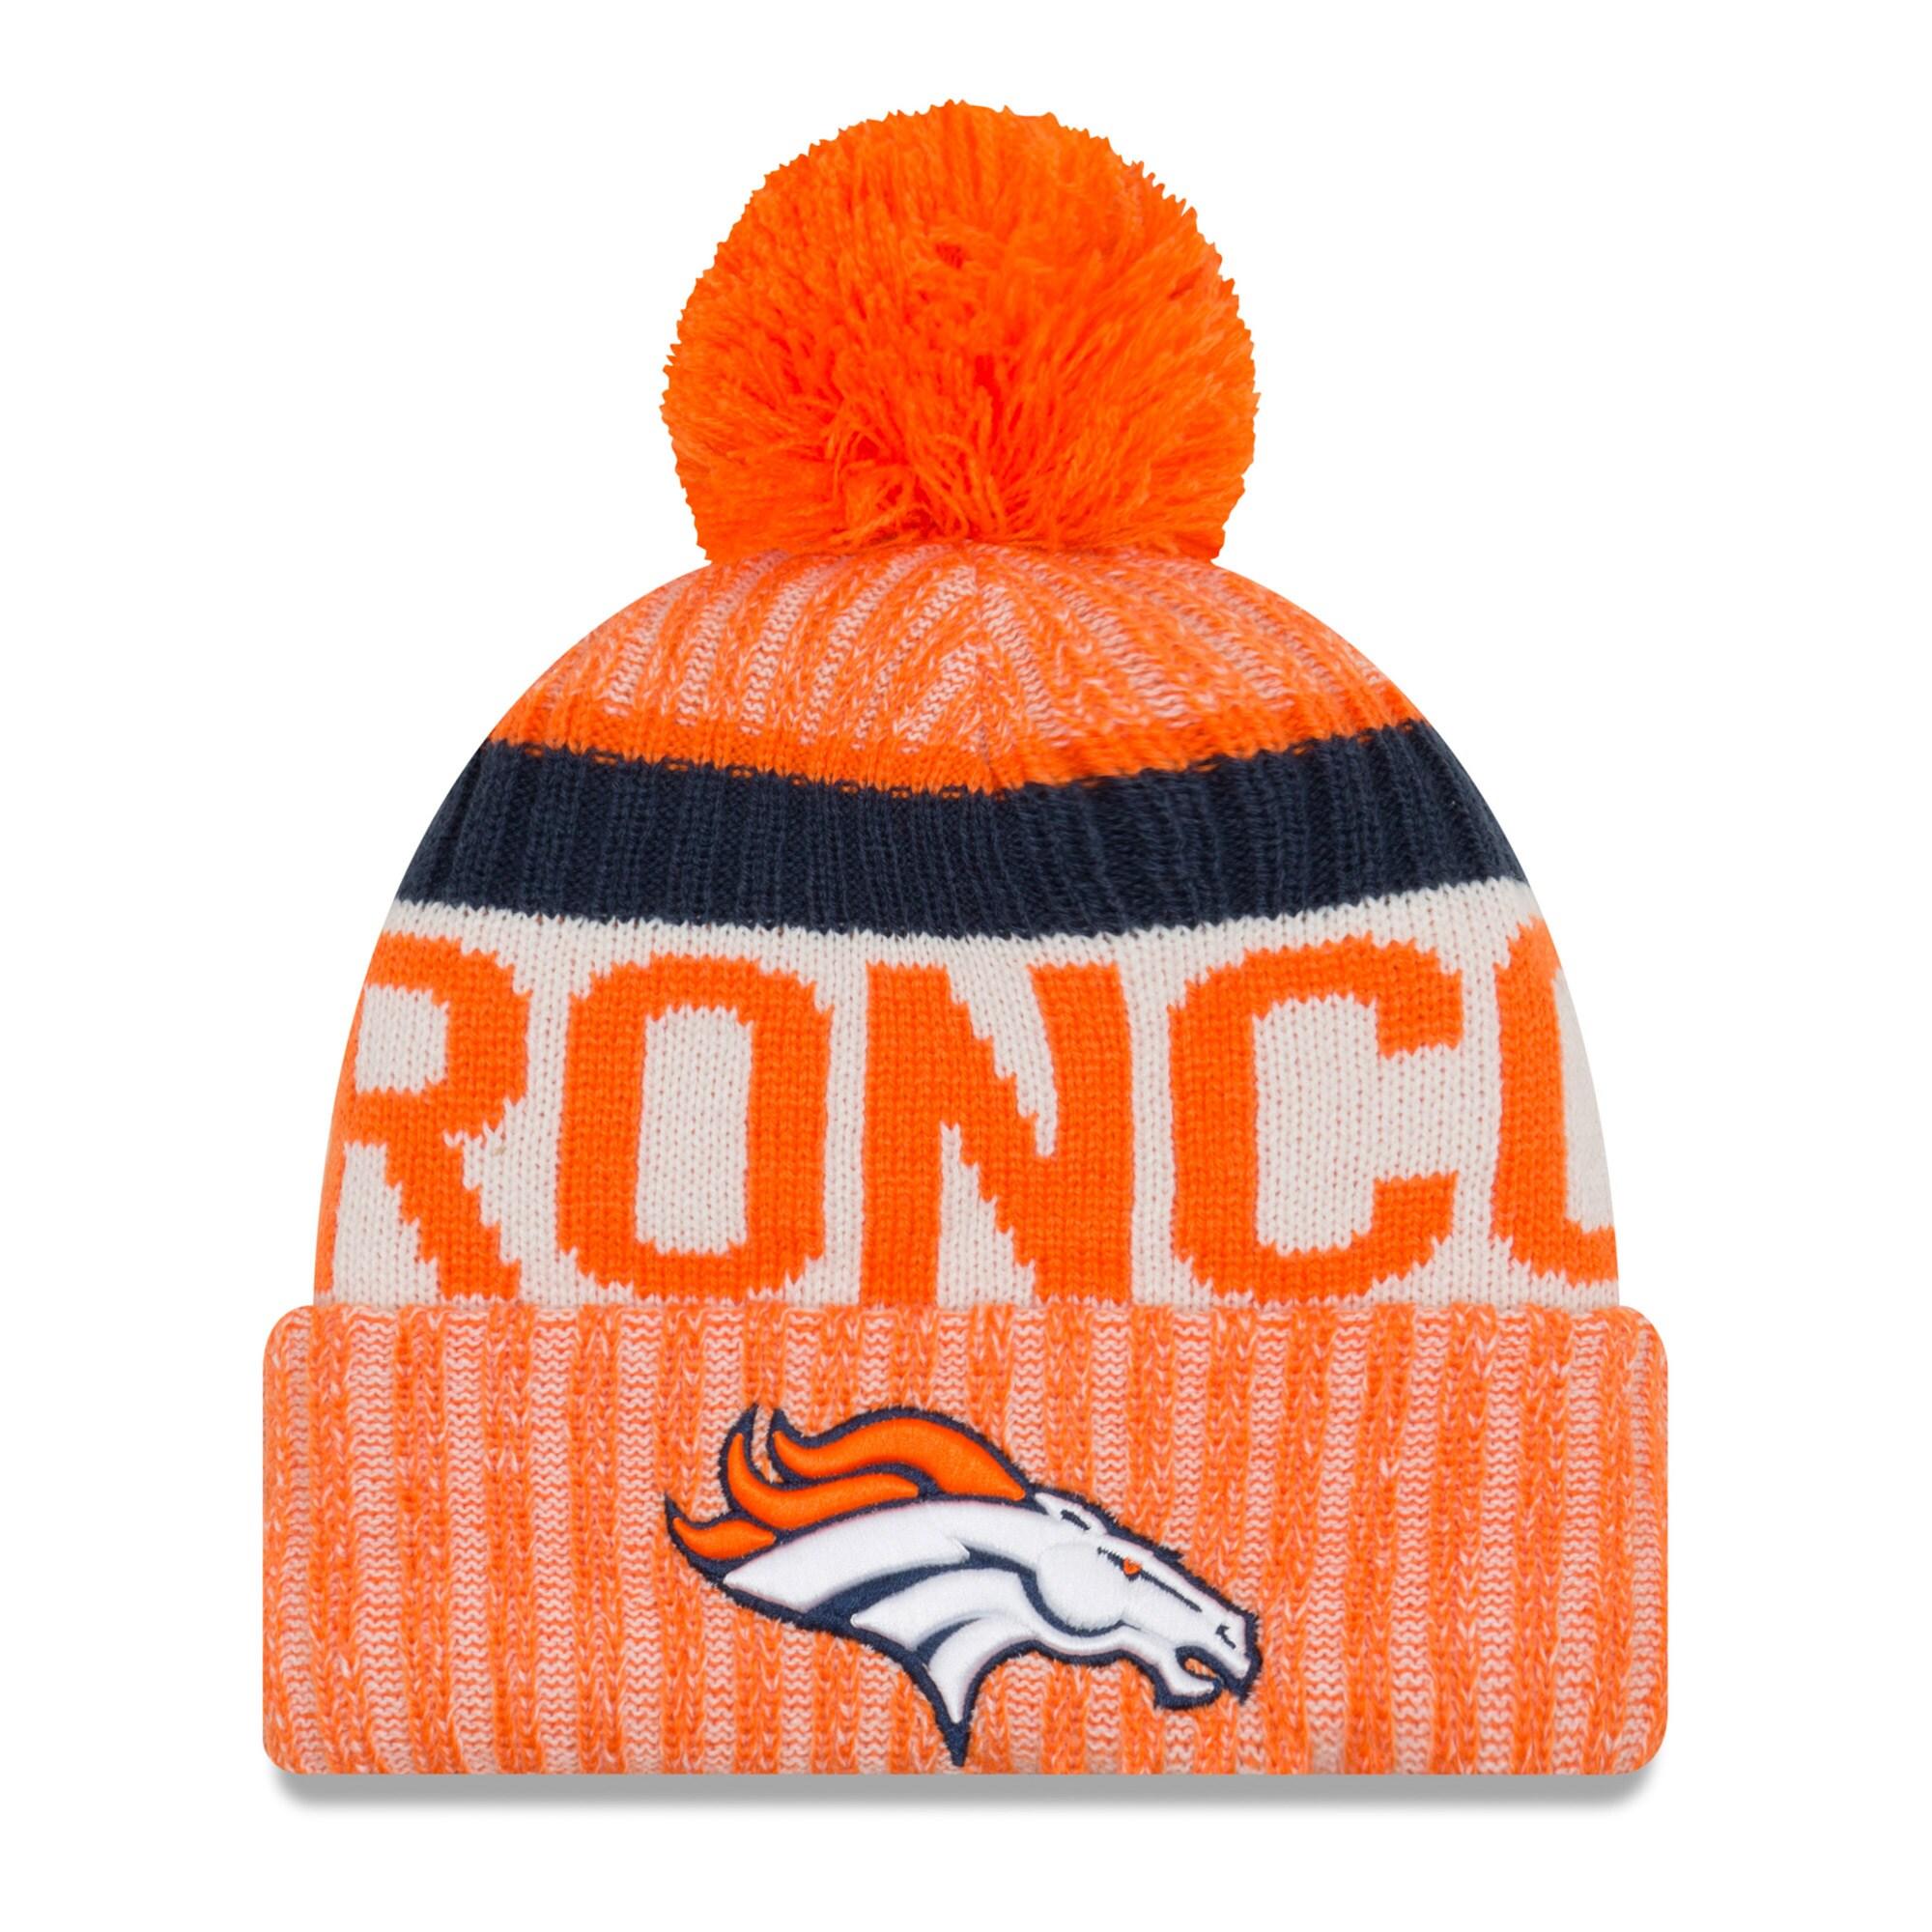 Denver Broncos New Era Youth 2017 Sideline Official Sport Knit Hat - Orange